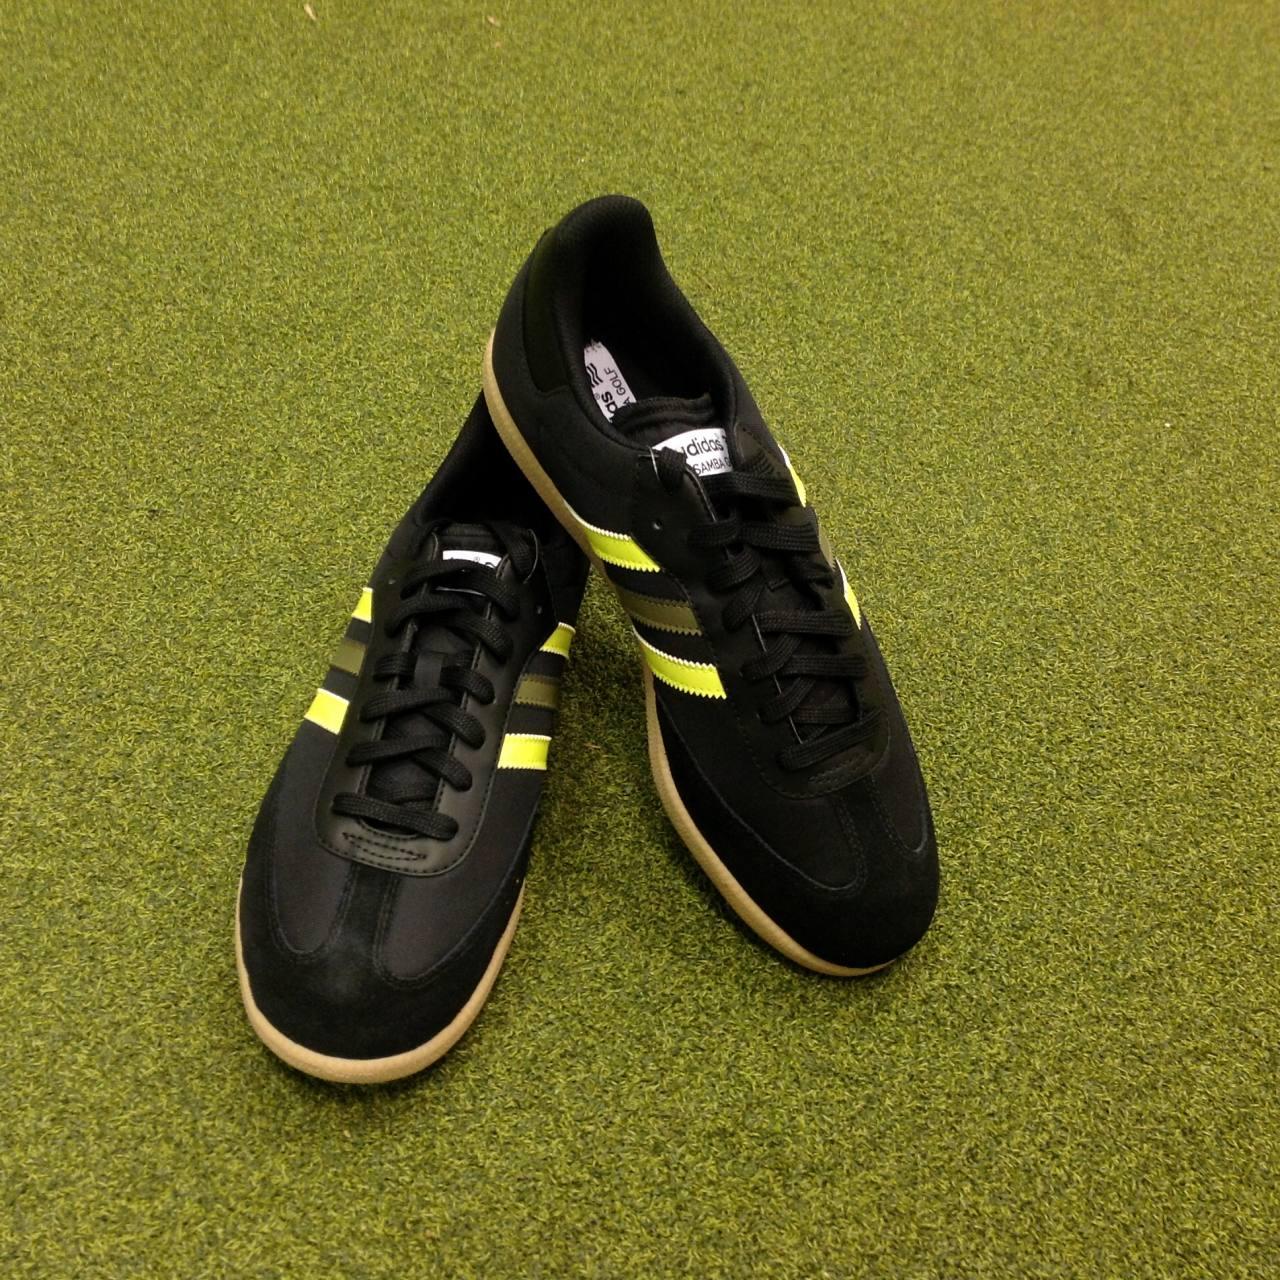 nuove adidas samba scarpe da golf uk numero 9 dell'unione europea ci 42 2 / 3 su ebay